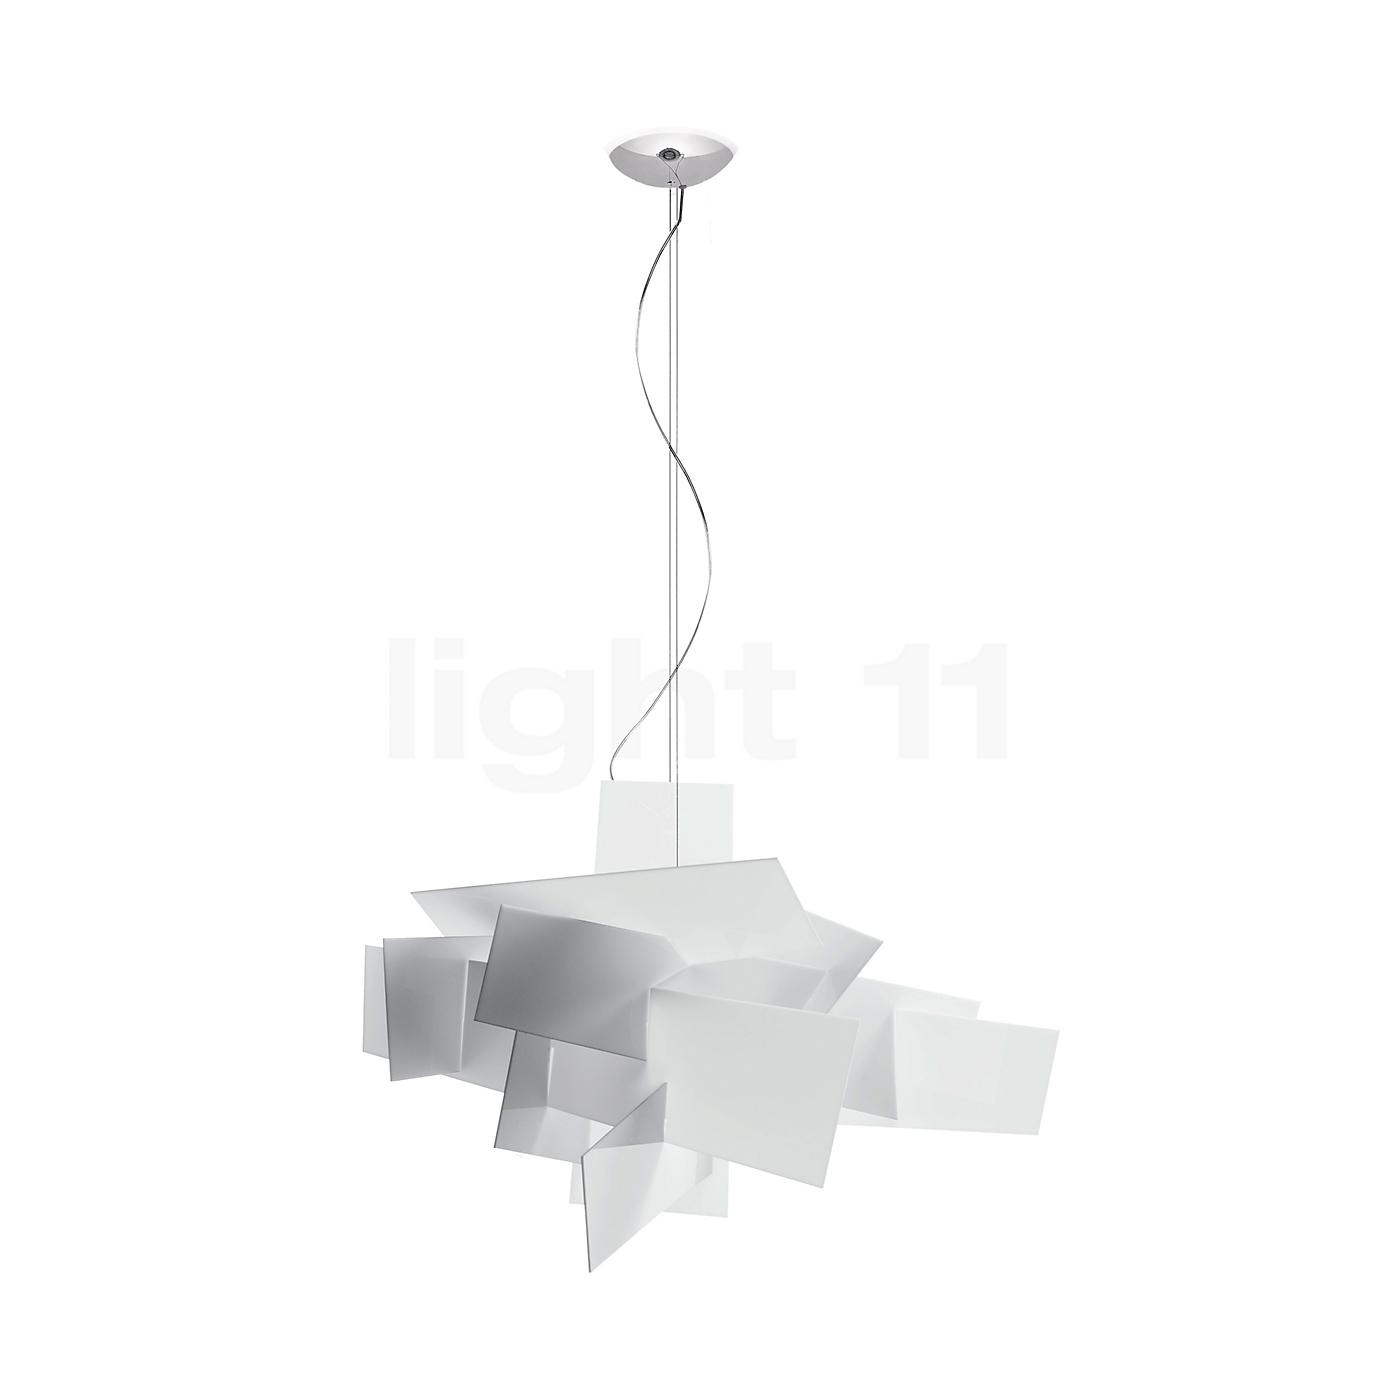 foscarini big bang sospensione led en vente sur. Black Bedroom Furniture Sets. Home Design Ideas